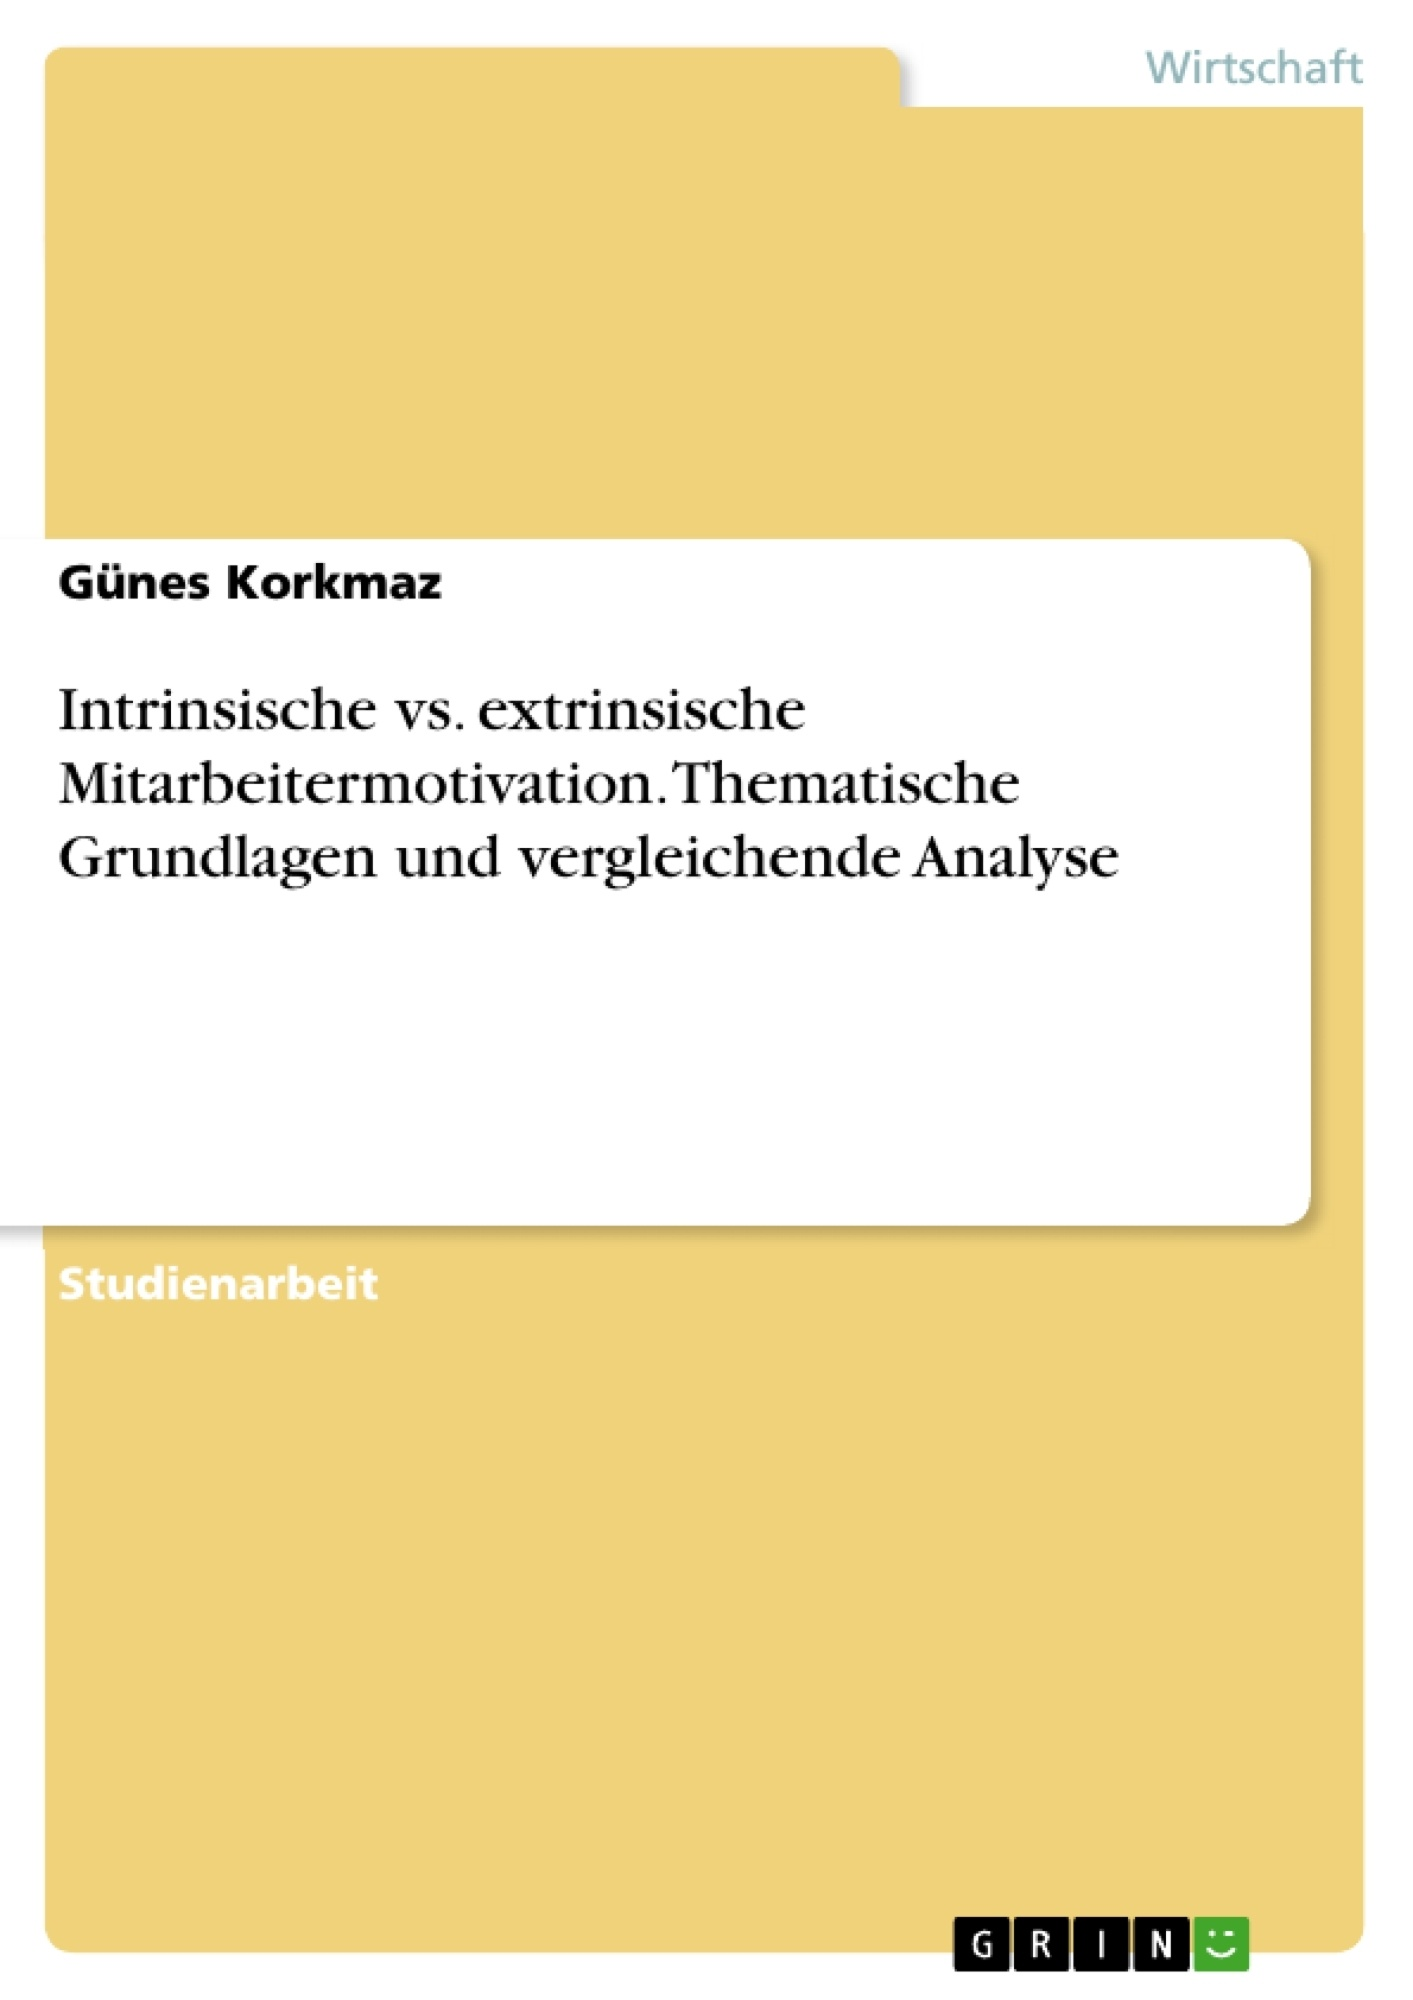 Titel: Intrinsische vs. extrinsische Mitarbeitermotivation. Thematische Grundlagen und vergleichende Analyse